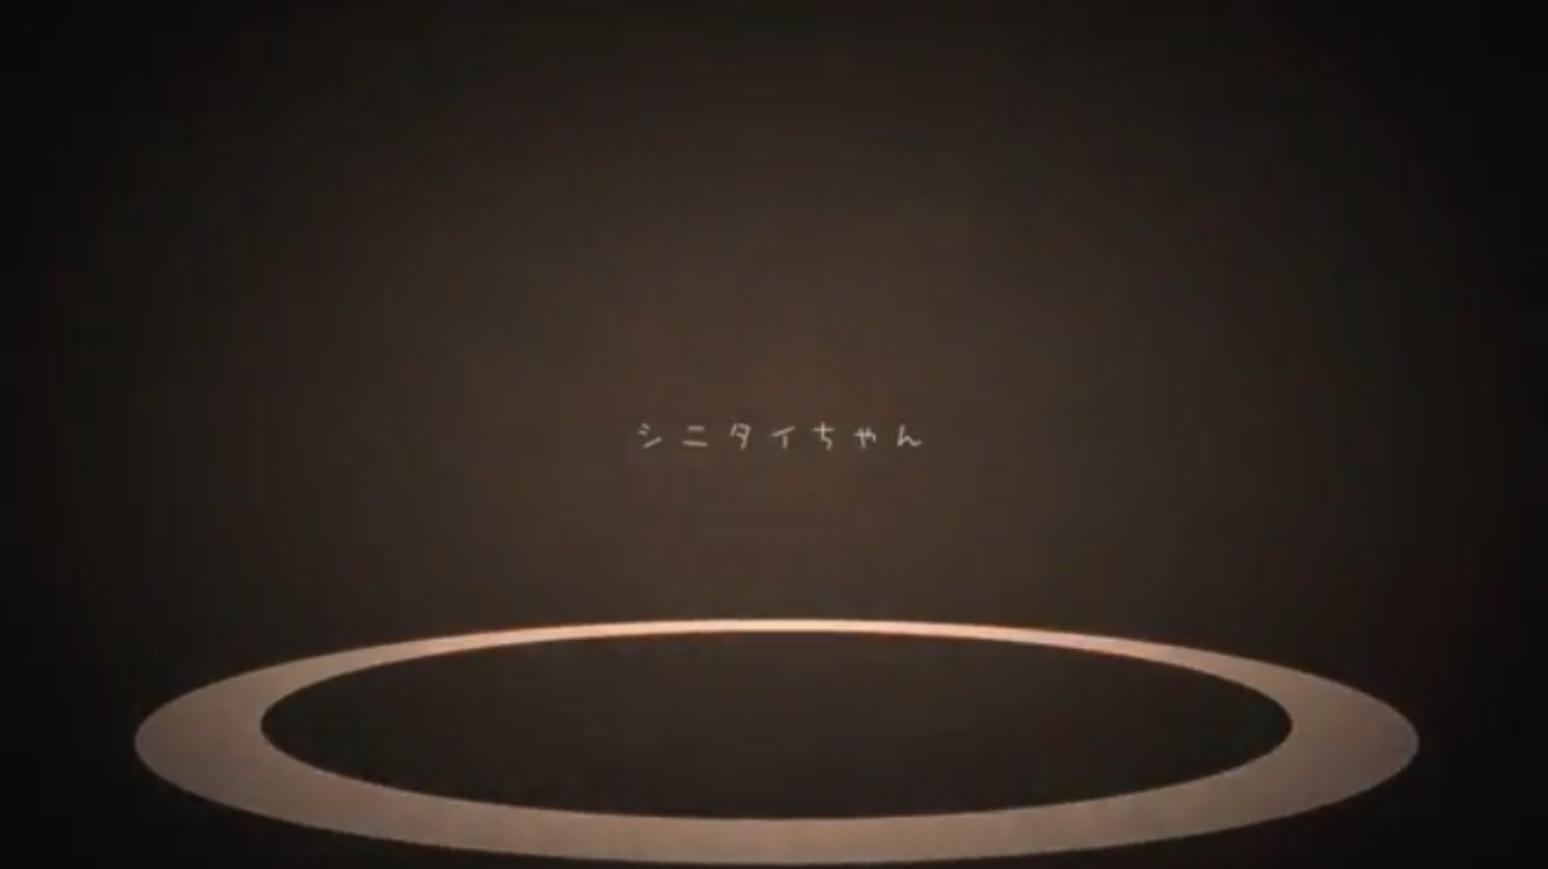 シニタイちゃん (Shinitai-chan)